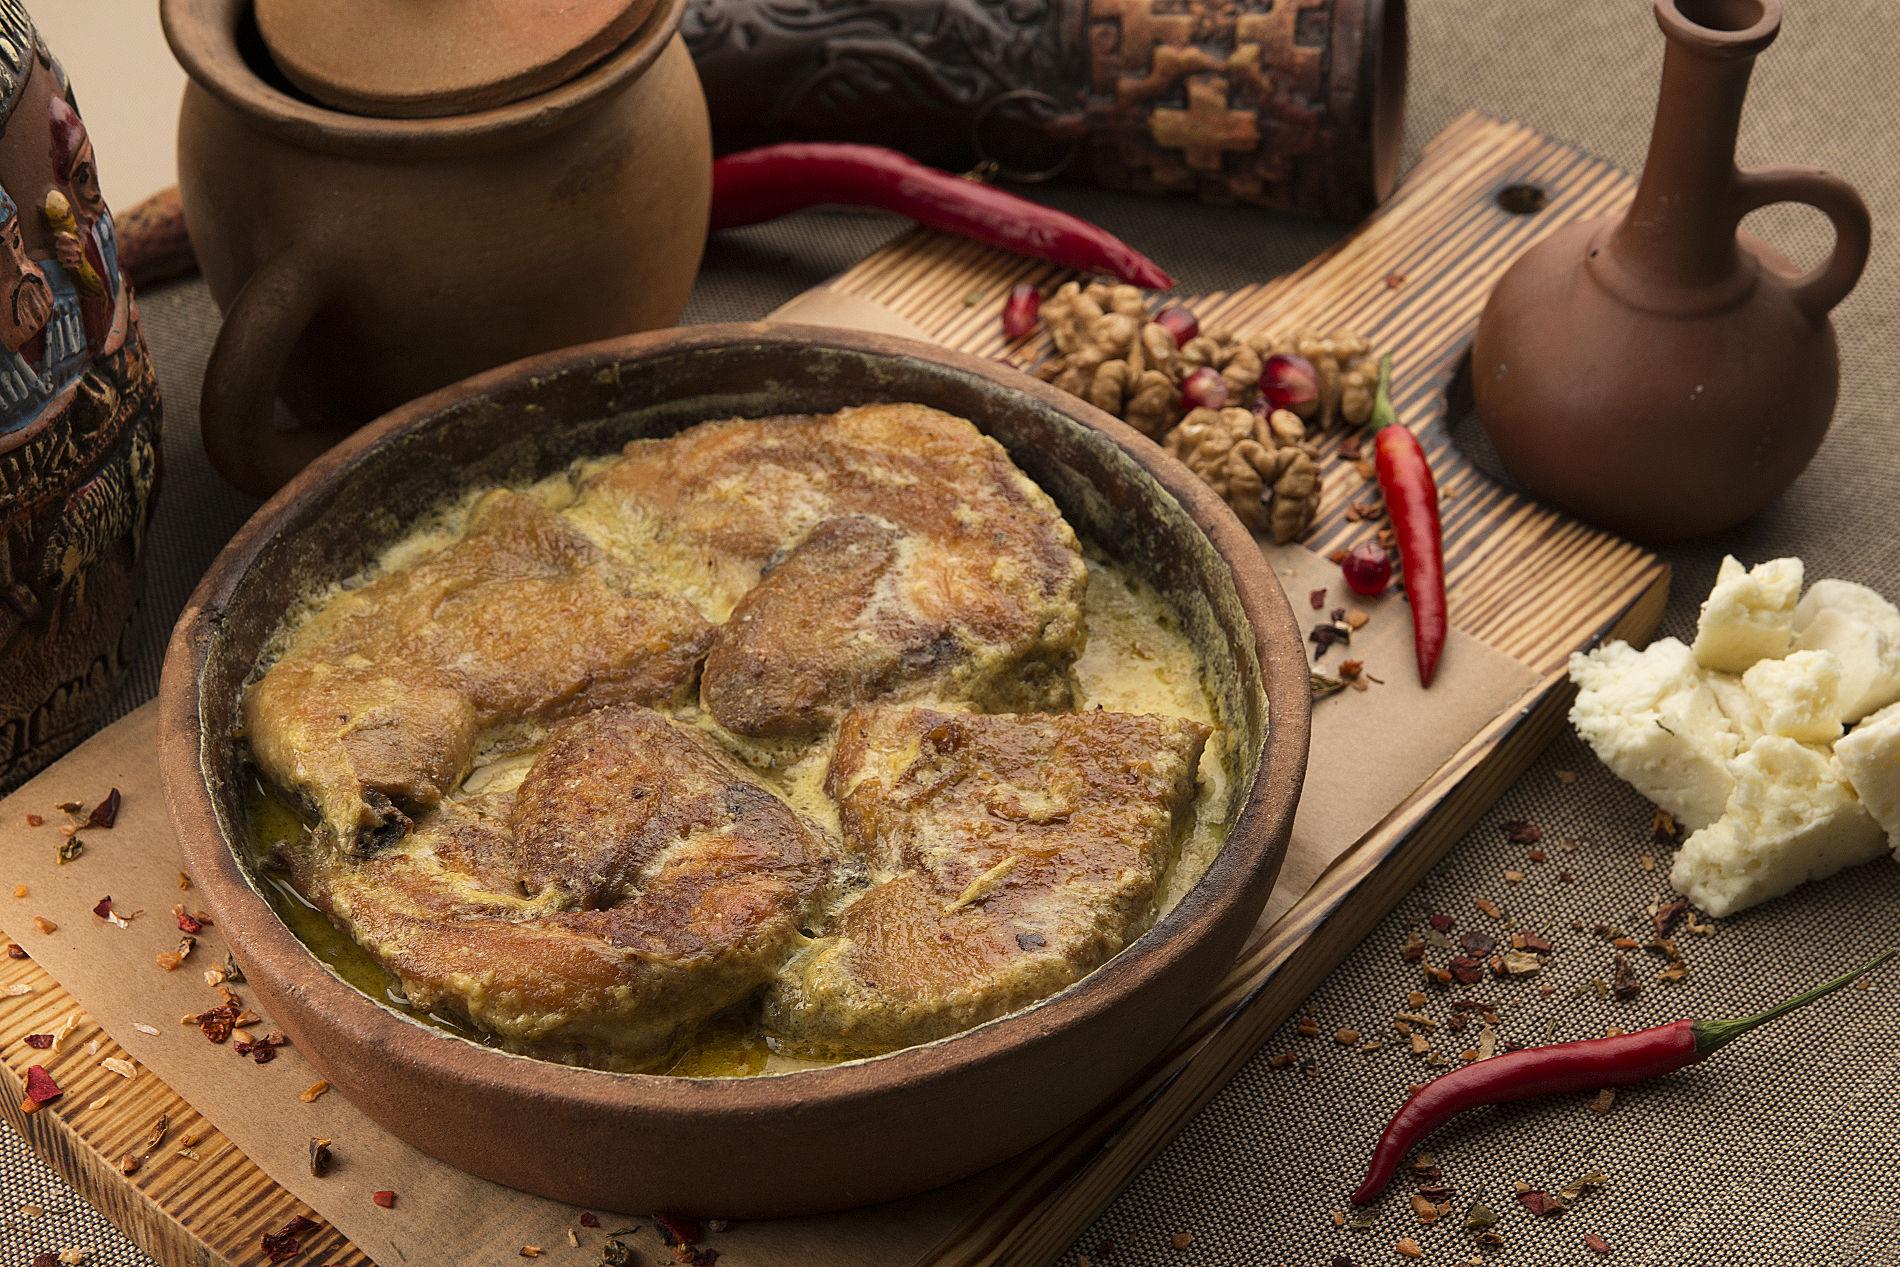 цыпленок «Чкмерули» в чесночно-сливочном соусе ©Фотография предоставлена рестораном грузинской кухни «Сулико»